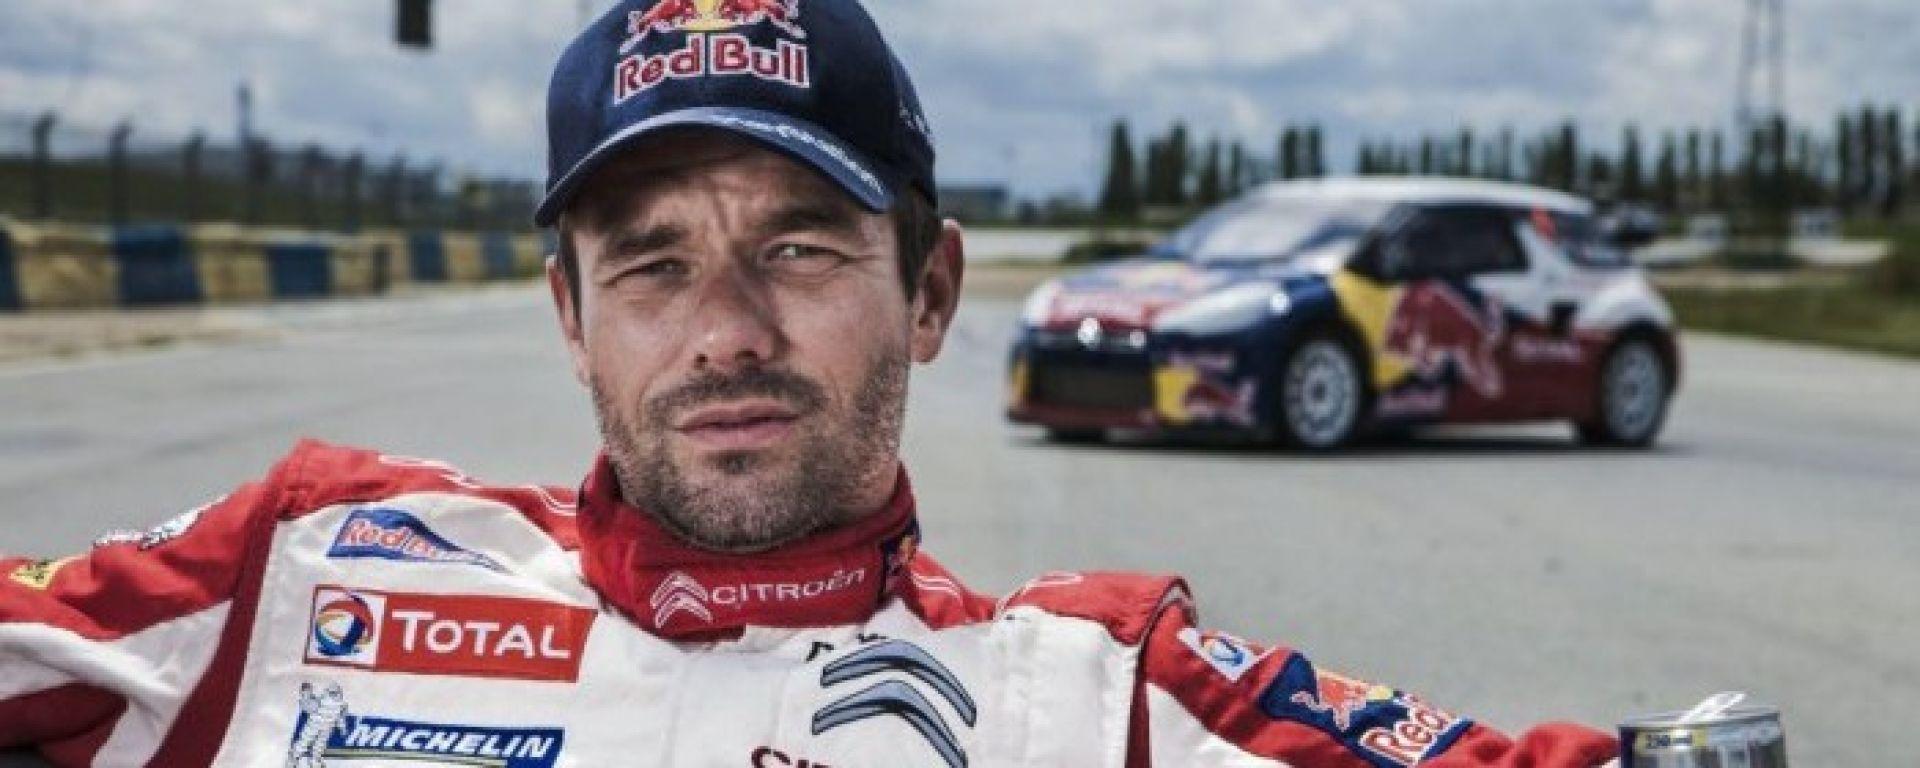 Sebastien Loeb torna a guidare una vettura da rally con la Citroen C3 WRC17